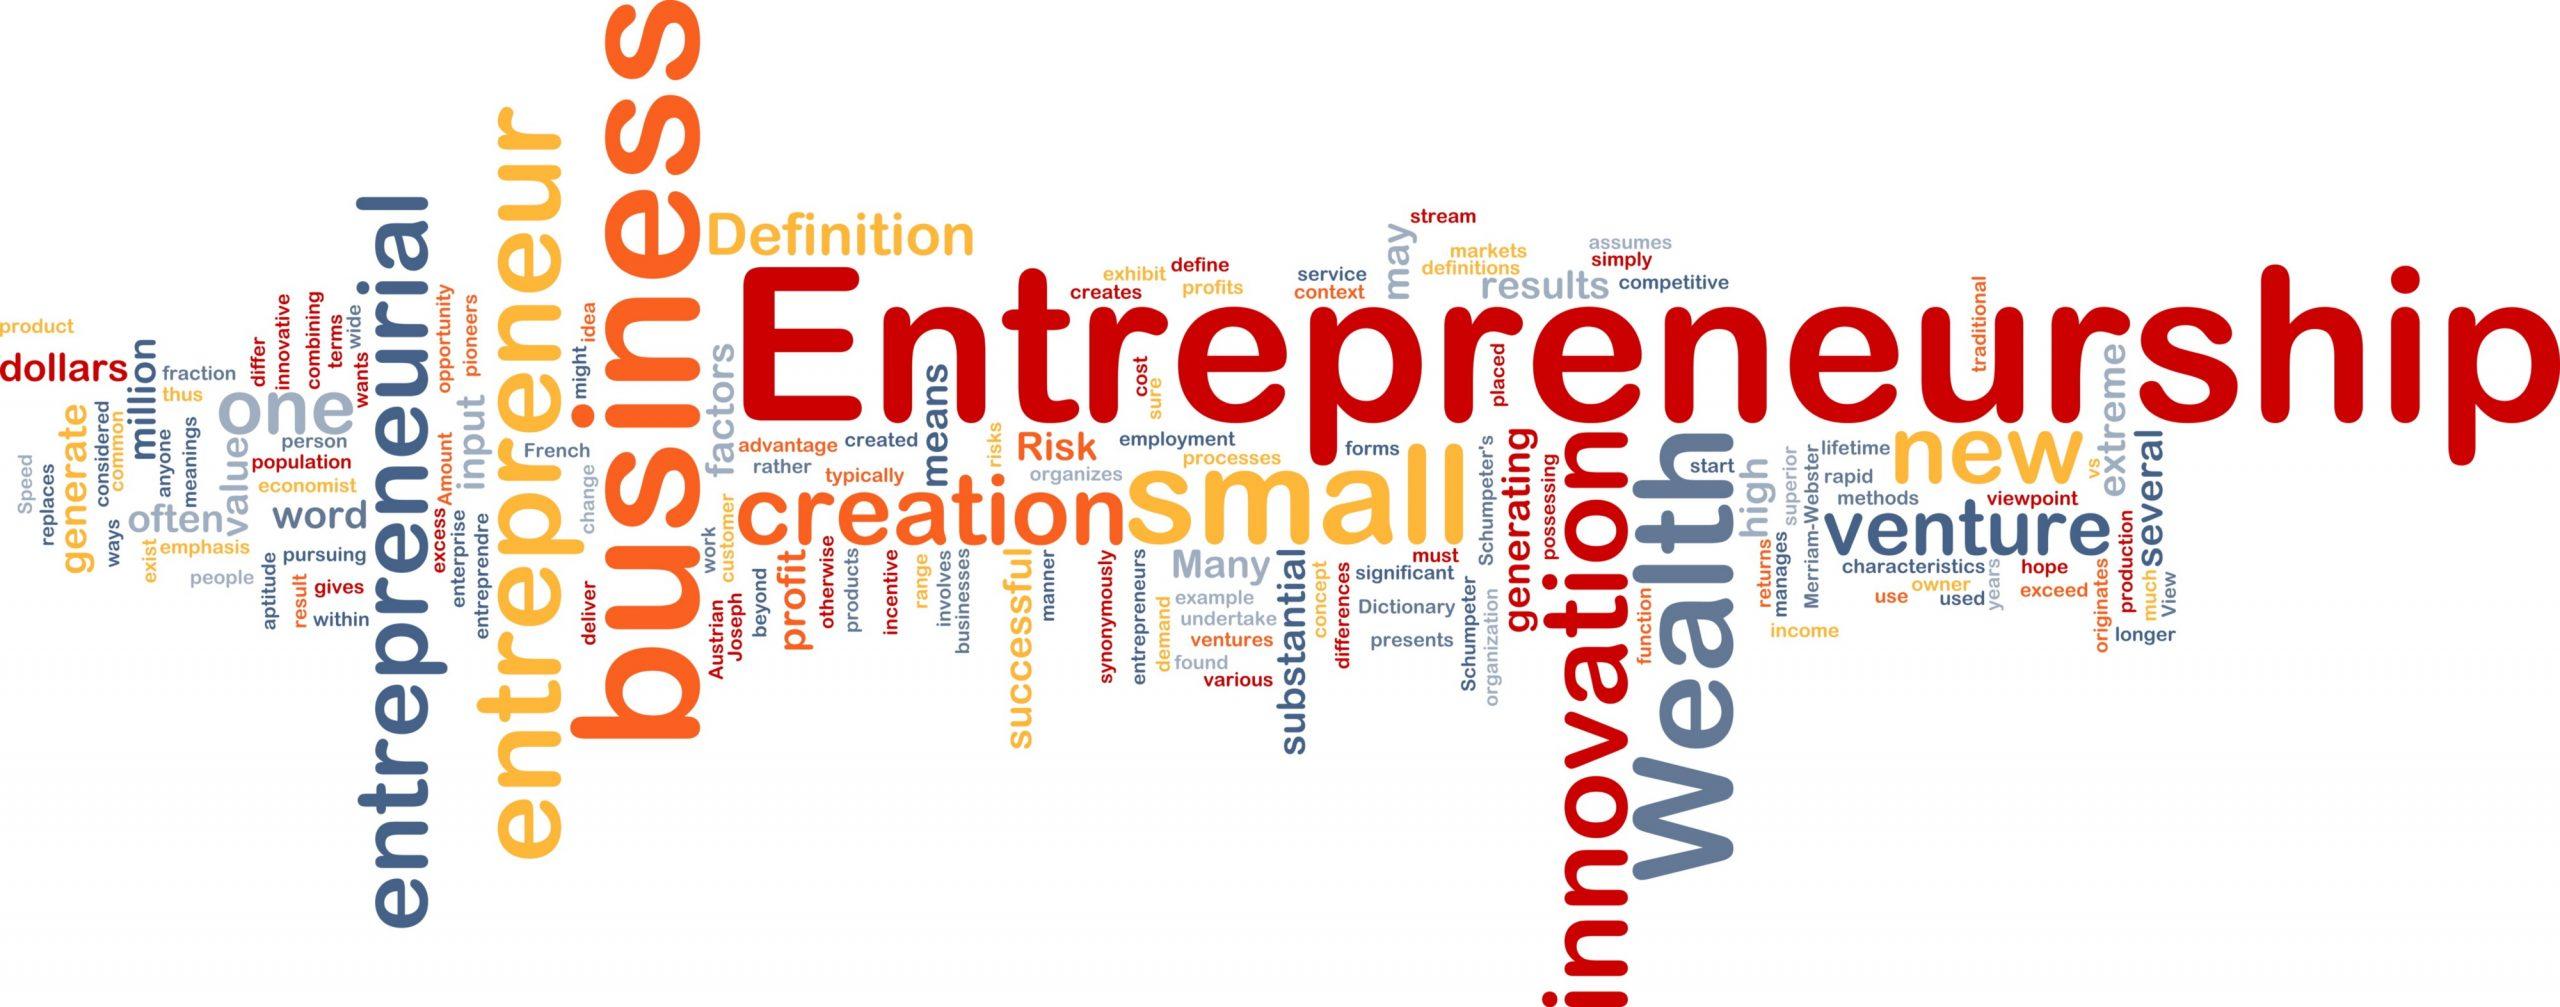 Key To Factors For Entrepreneurship By James Bernard